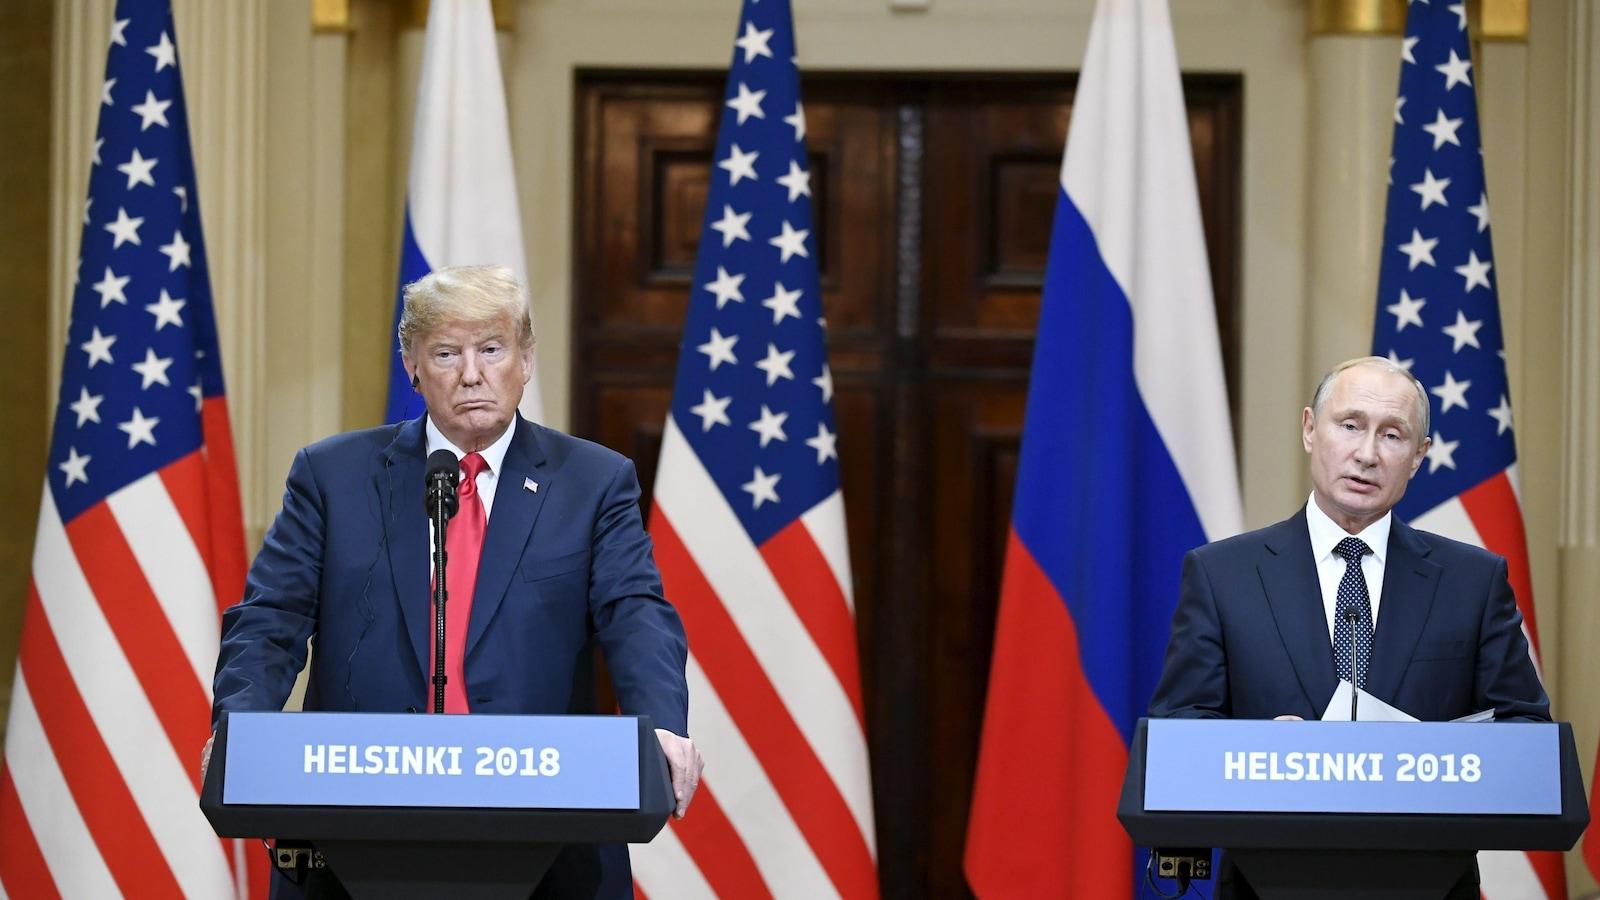 Donald Trump et Vladimir Poutine au sommet d'Helsinki.